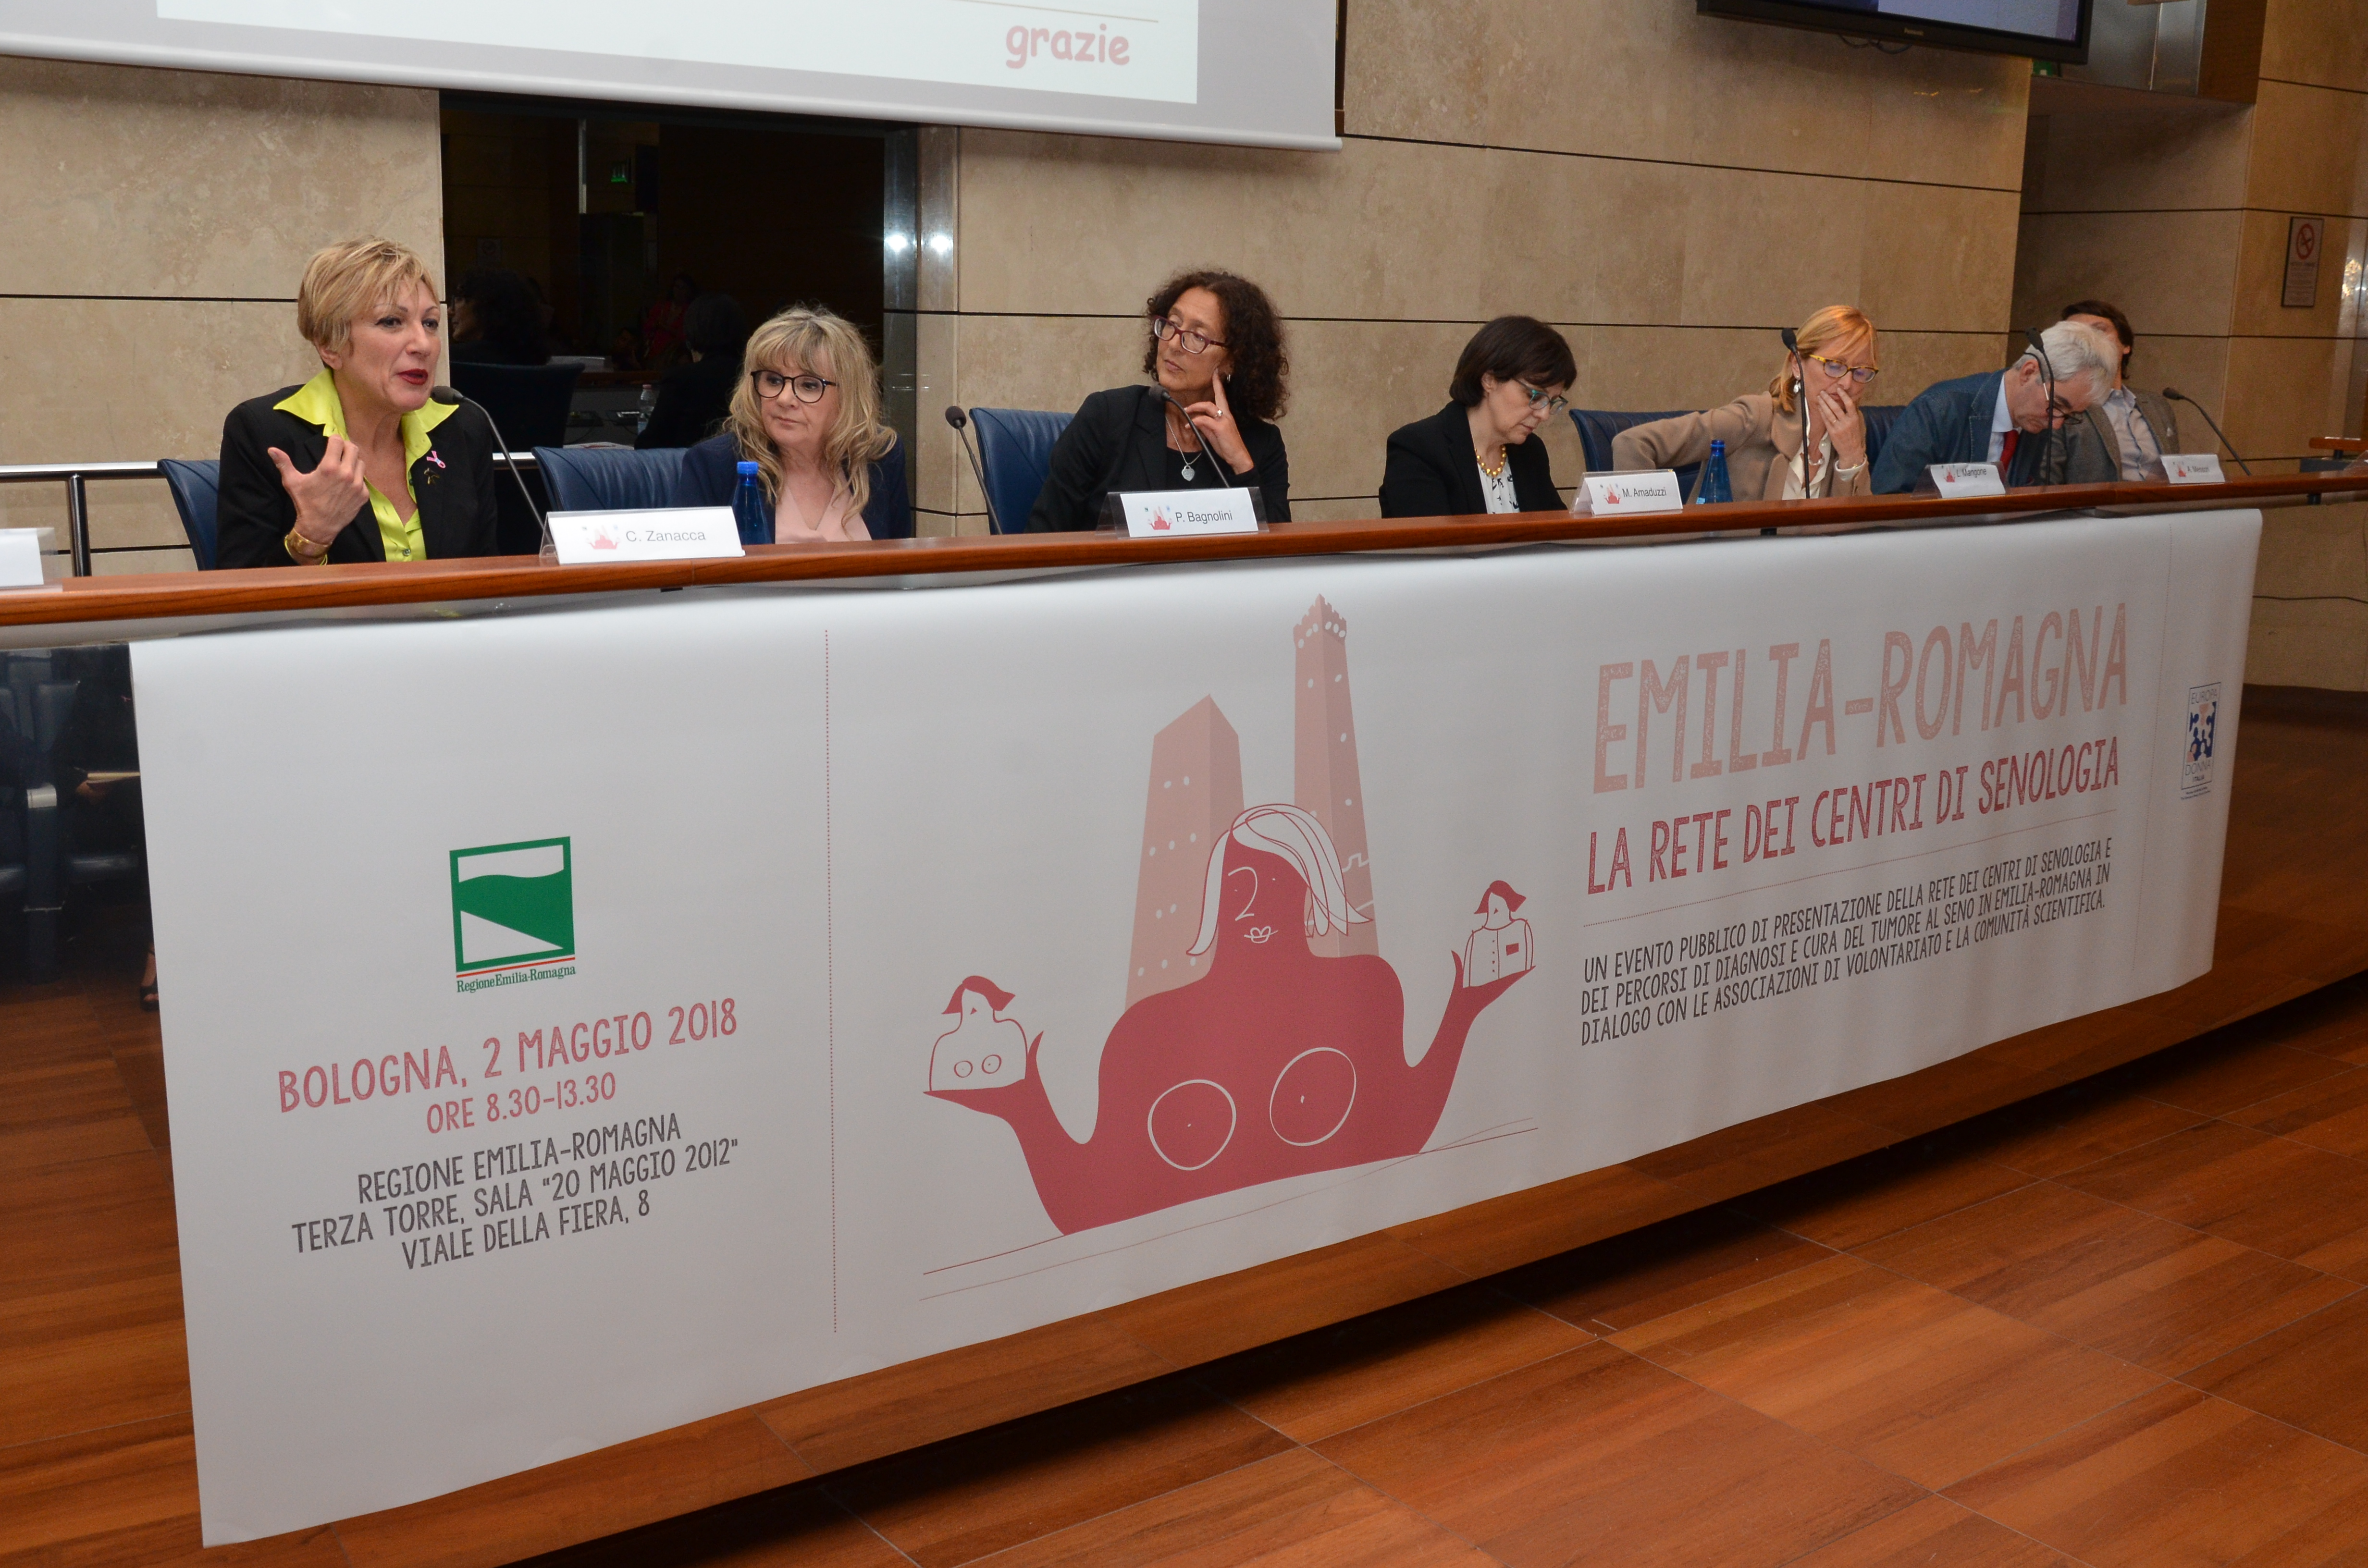 europa-donna-italia-tumore-al-seno-emilia-romagna-cecilia-zanacca-andos-parma-tavola rotonda